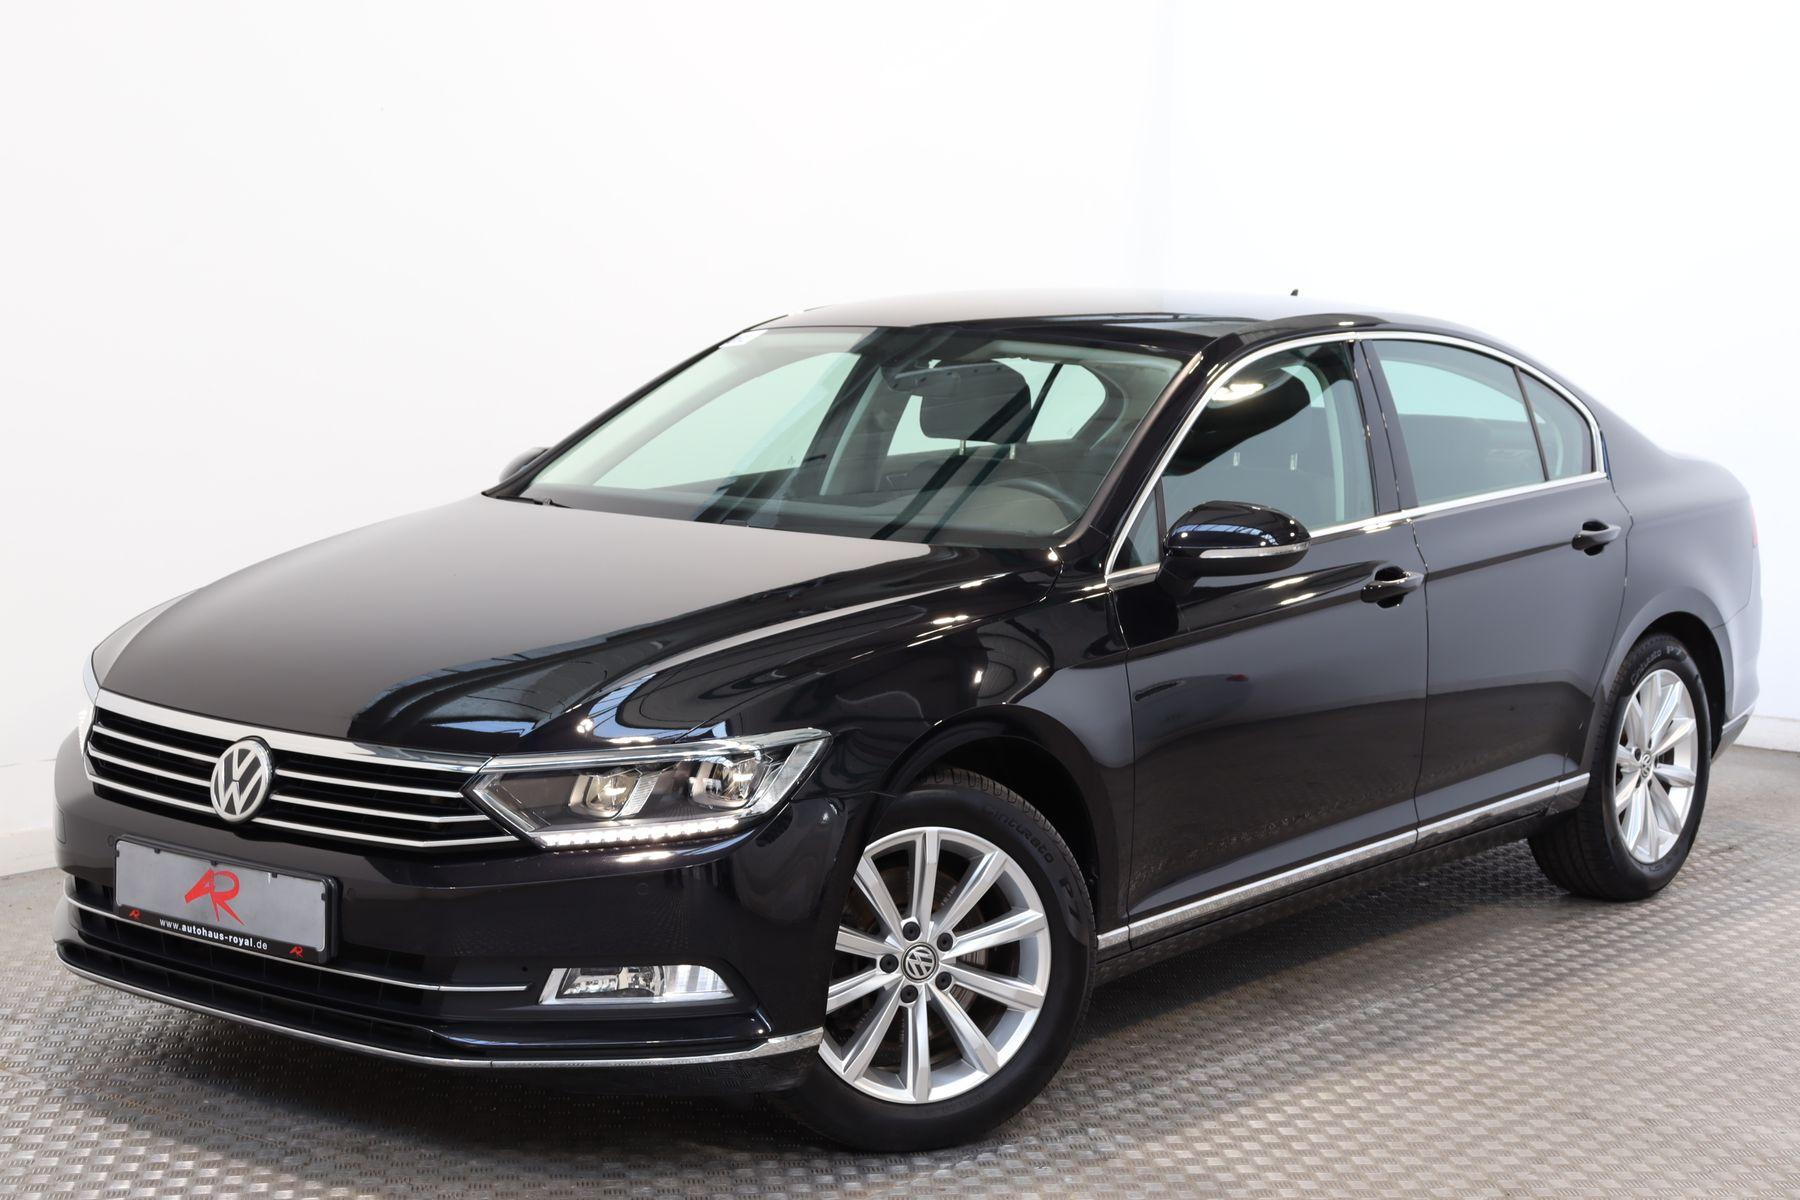 Volkswagen Passat 2.0 TSI HIGHLINE ACTIVE-INFO,MASSAGE,ACC, Jahr 2017, Benzin